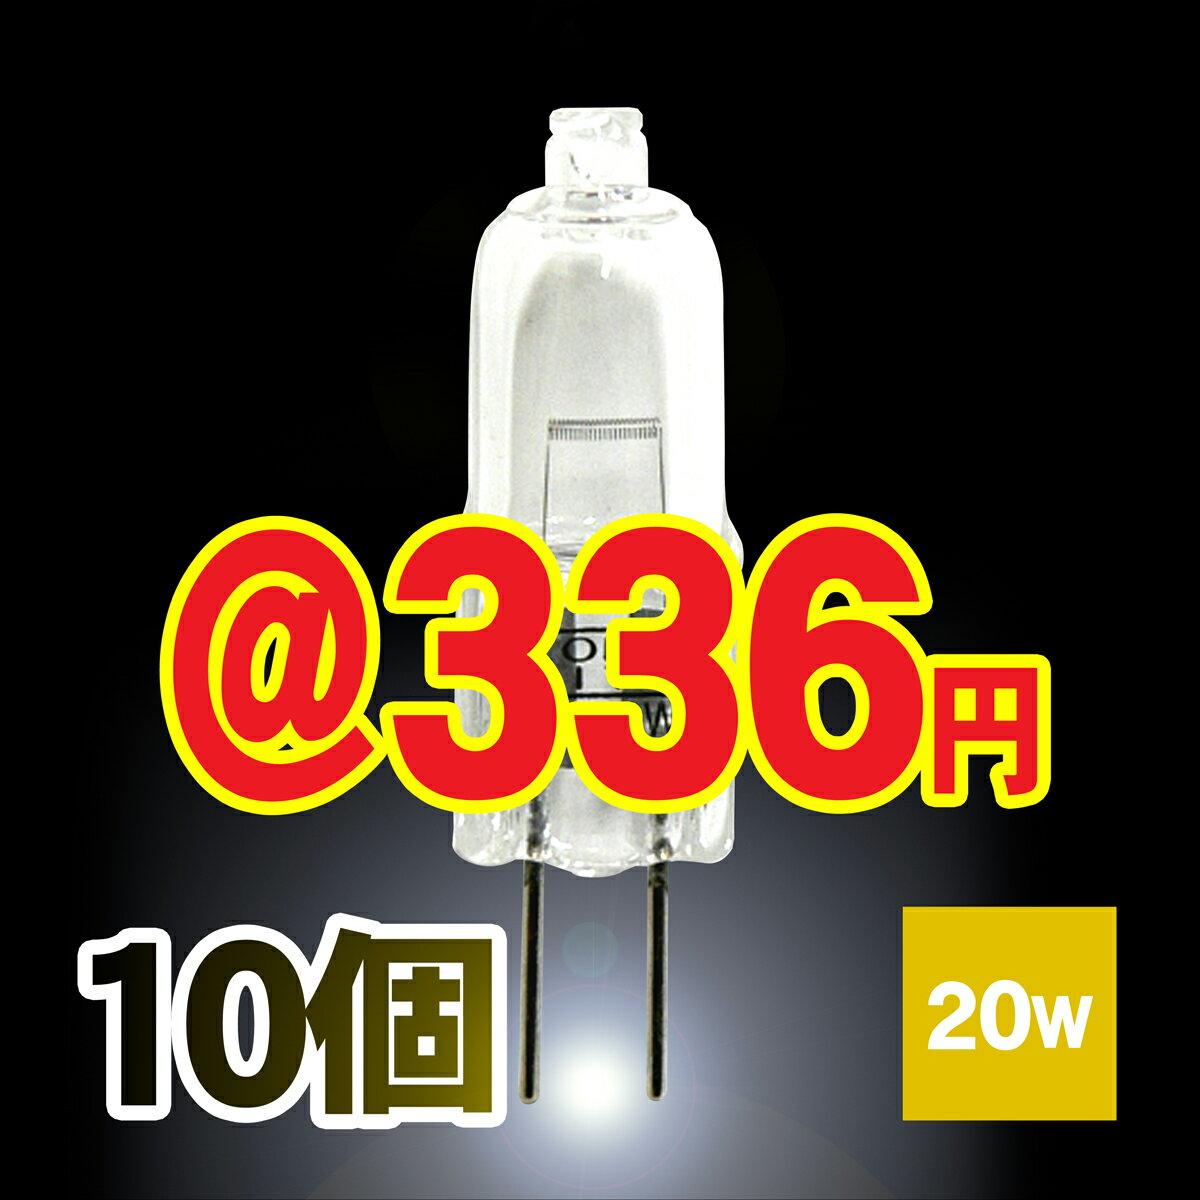 ハロゲン電球 ハロゲンランプ 12V 20W 口金 G4 ラウダ Lauda J12V20W-G4